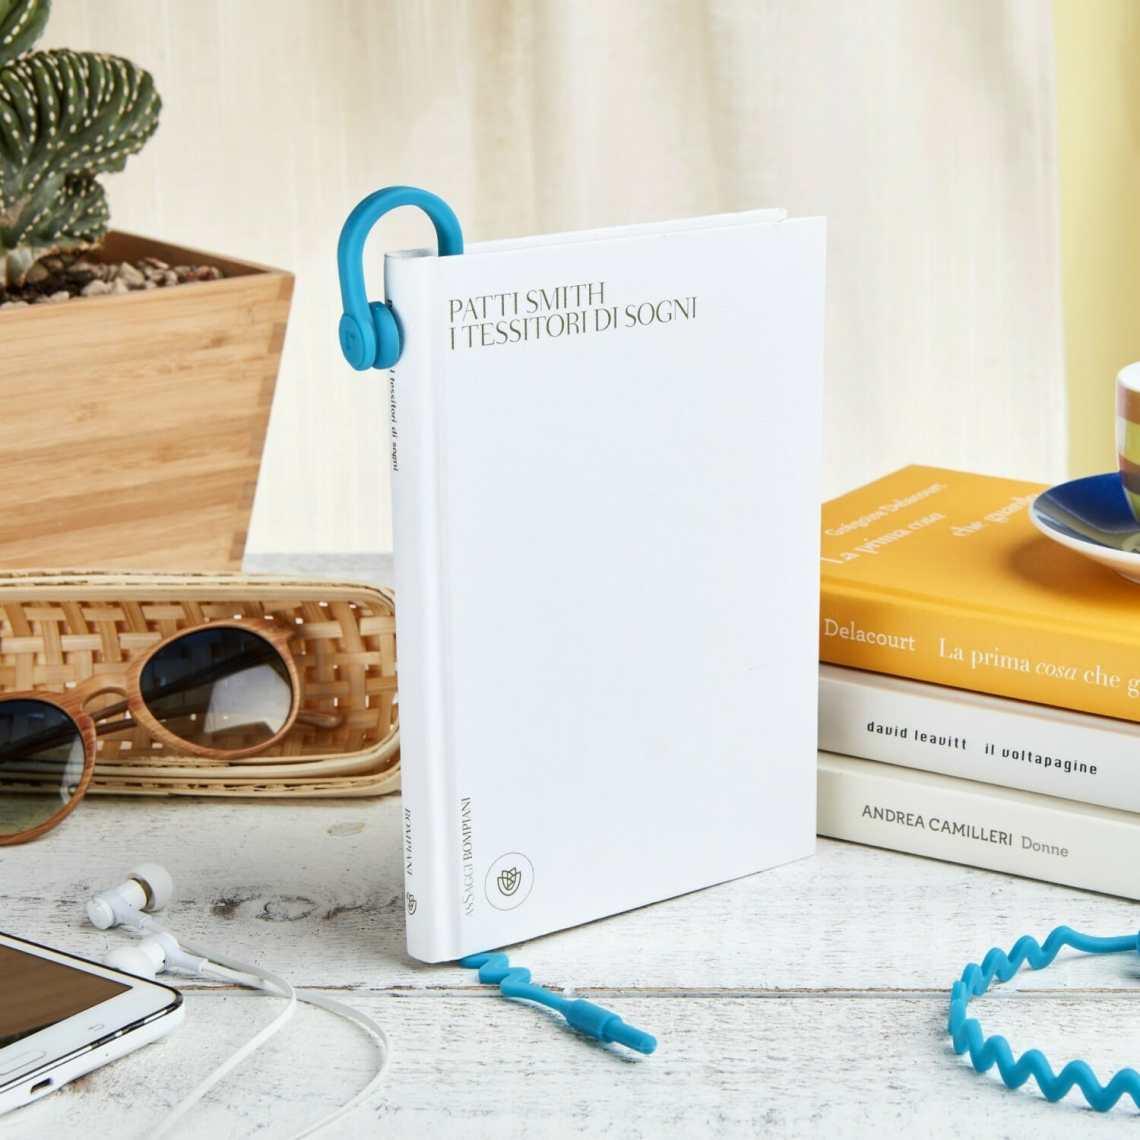 beatmark koptelefoon boekenlegger bedrukken relatiegeschenk idee